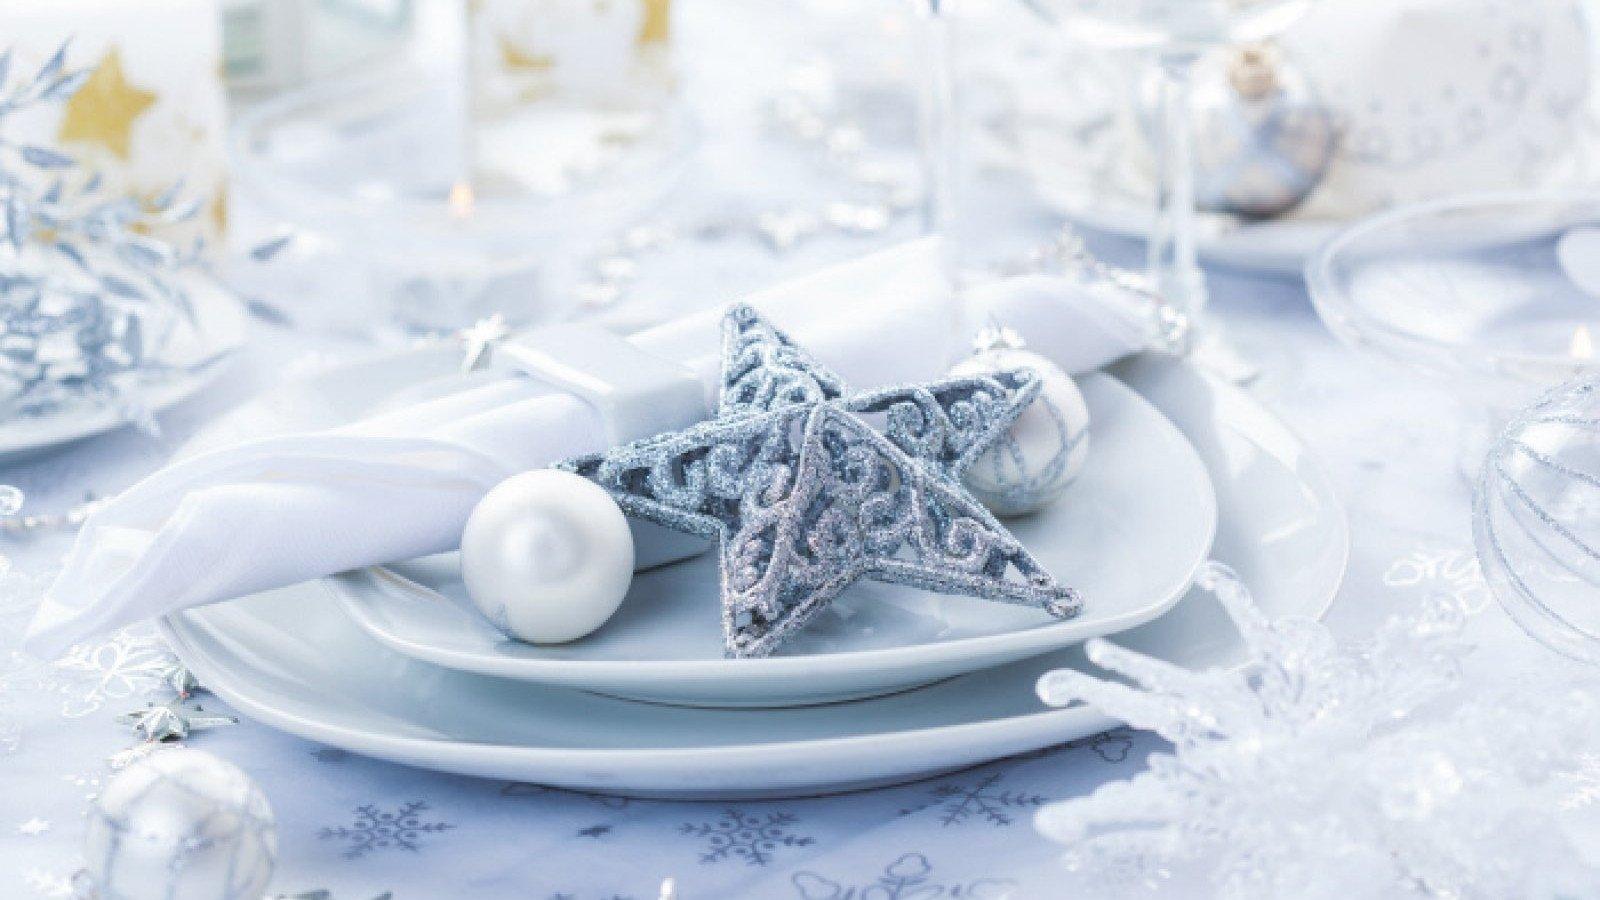 Los blancos y plateados siempre son una de las apuestas más limpias y elegantes